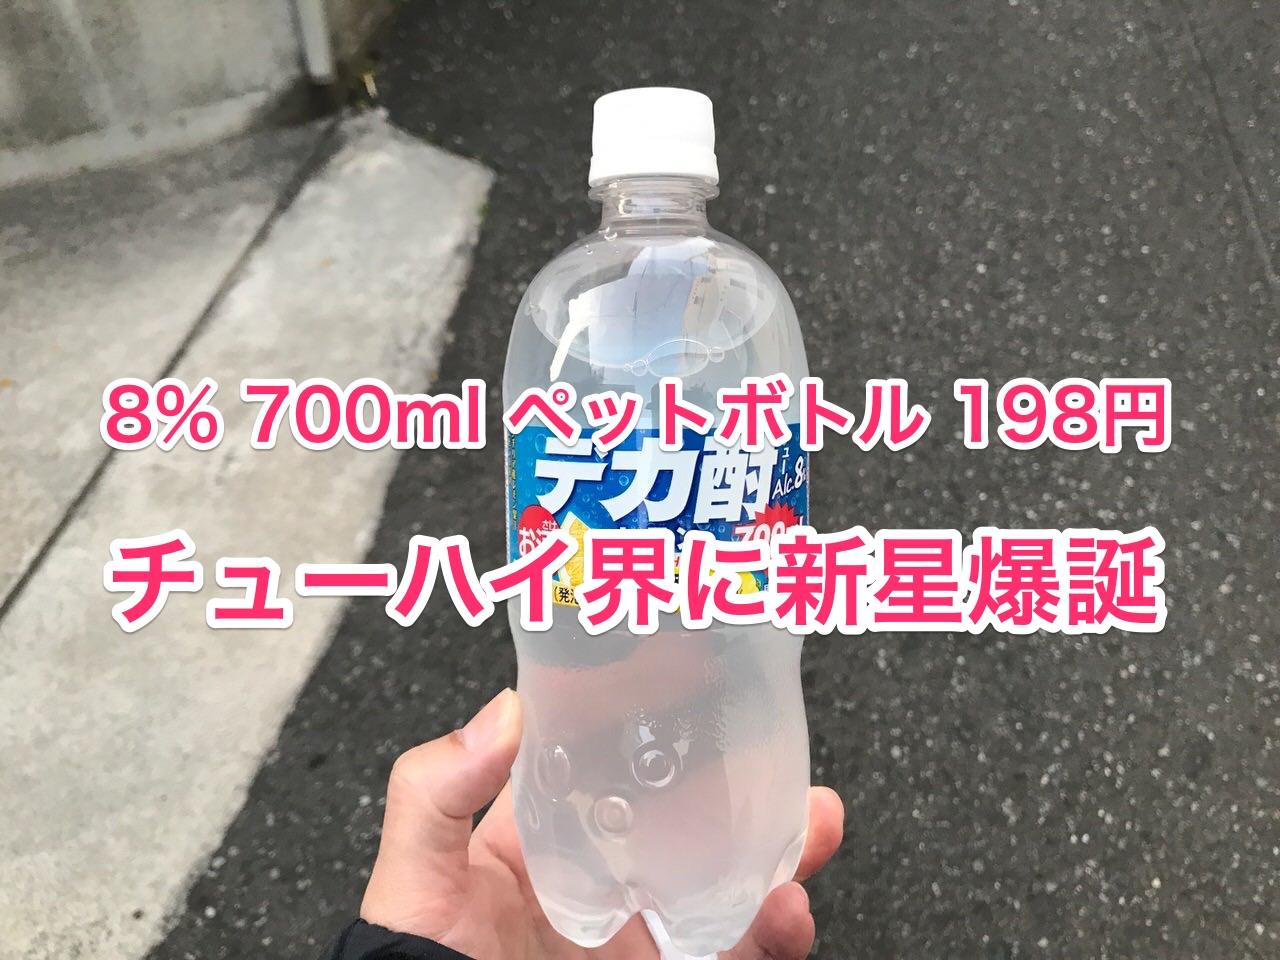 ストロングゼロを超える逸材!?8%・700ml・198円のペットボトルチューハイ、君の名は「デカ酎」。